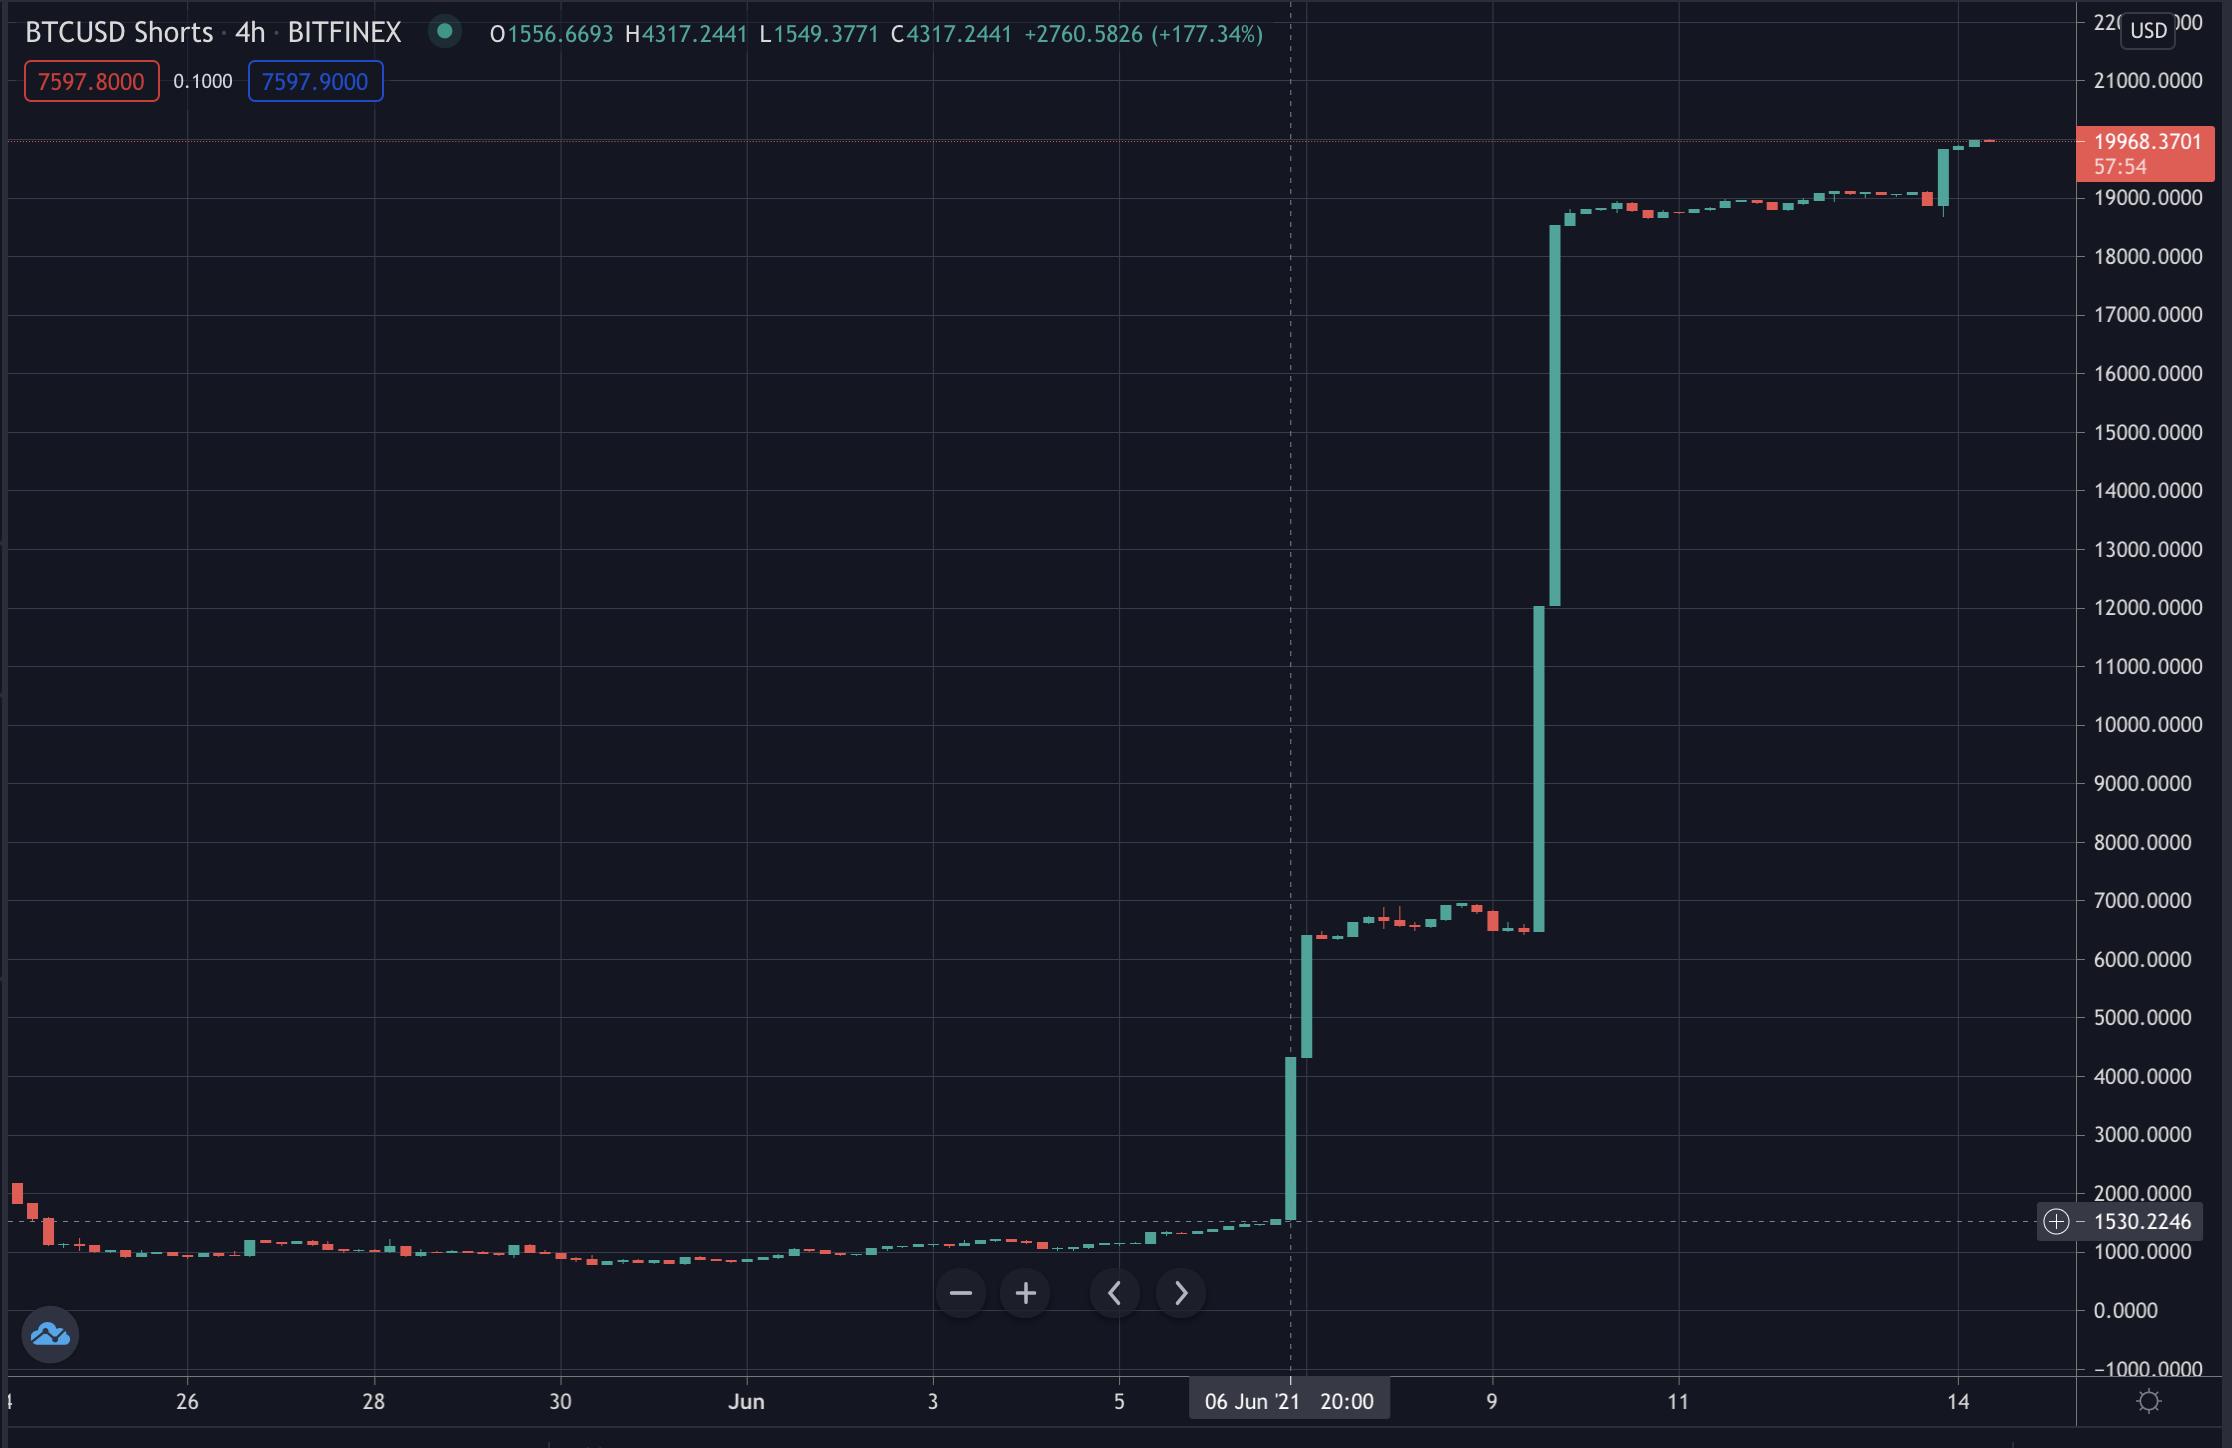 Bitcoin Shorts Jump 10x